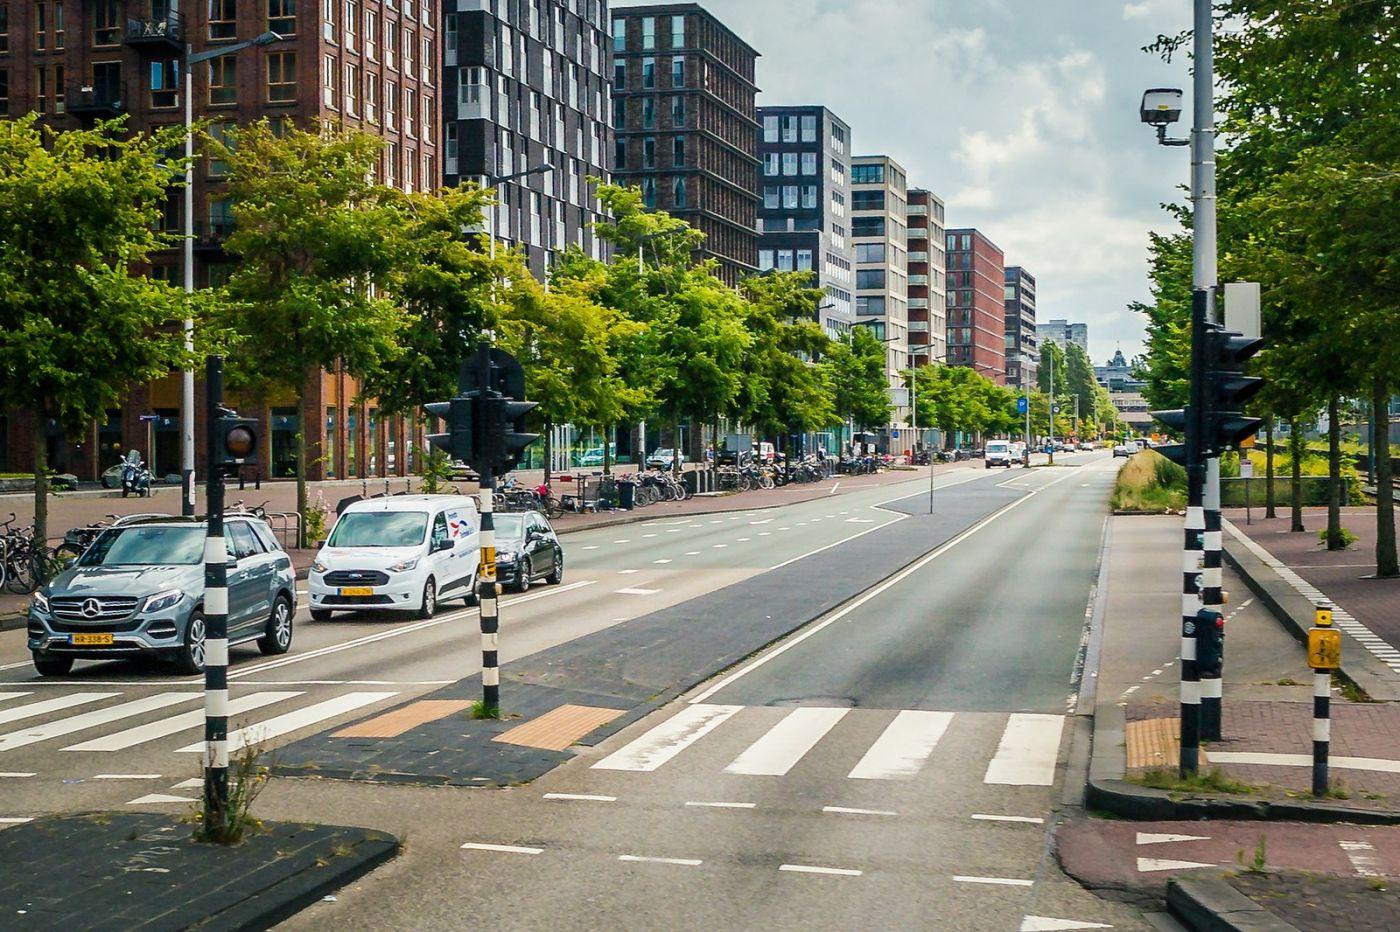 荷兰阿姆斯特丹,穿梭的自行车_图1-7